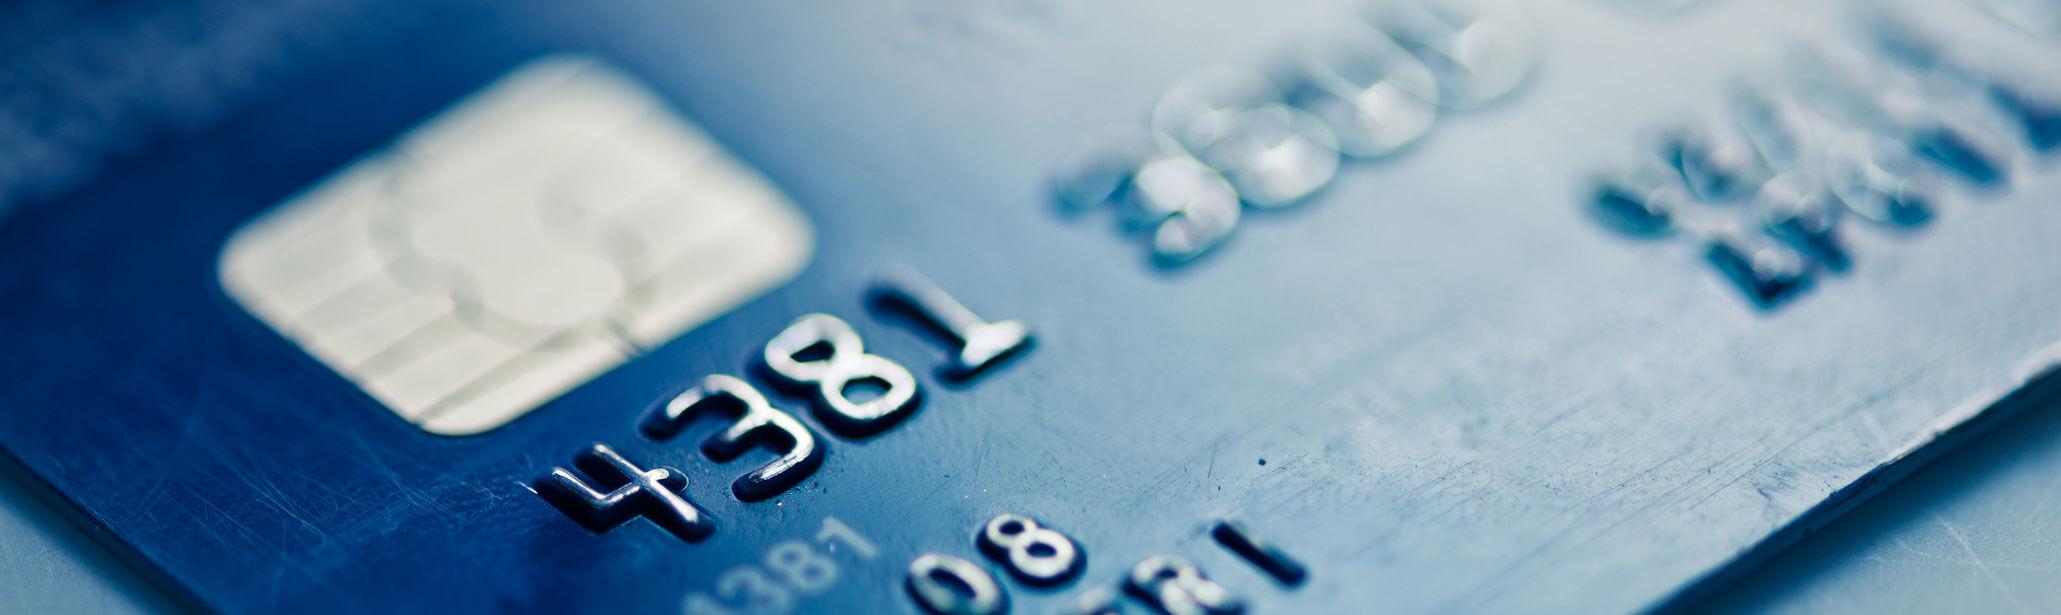 unterschied zwischen kreditkarte und bankkarte